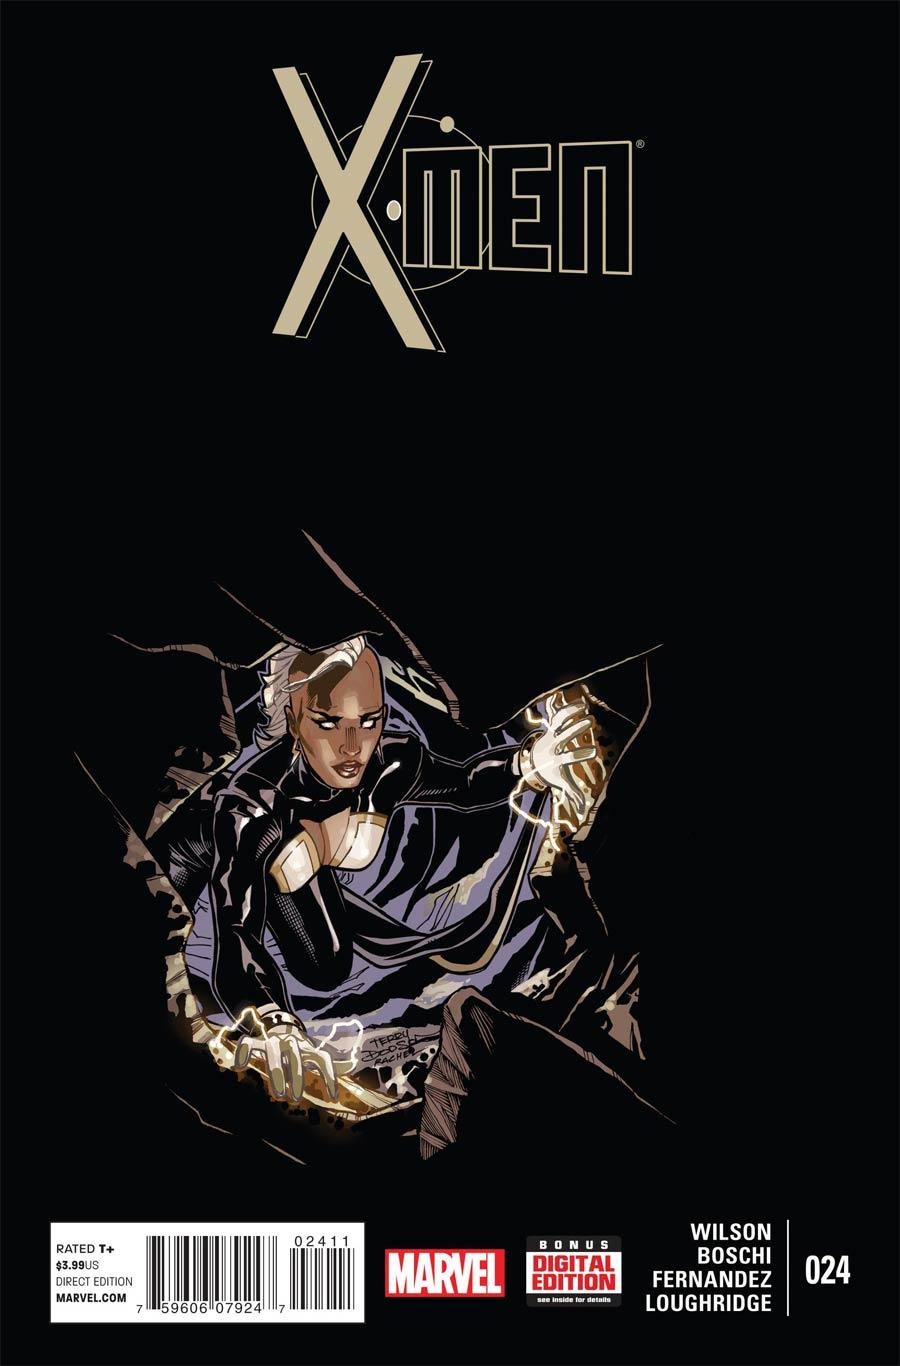 X-Men Vol 4 #24